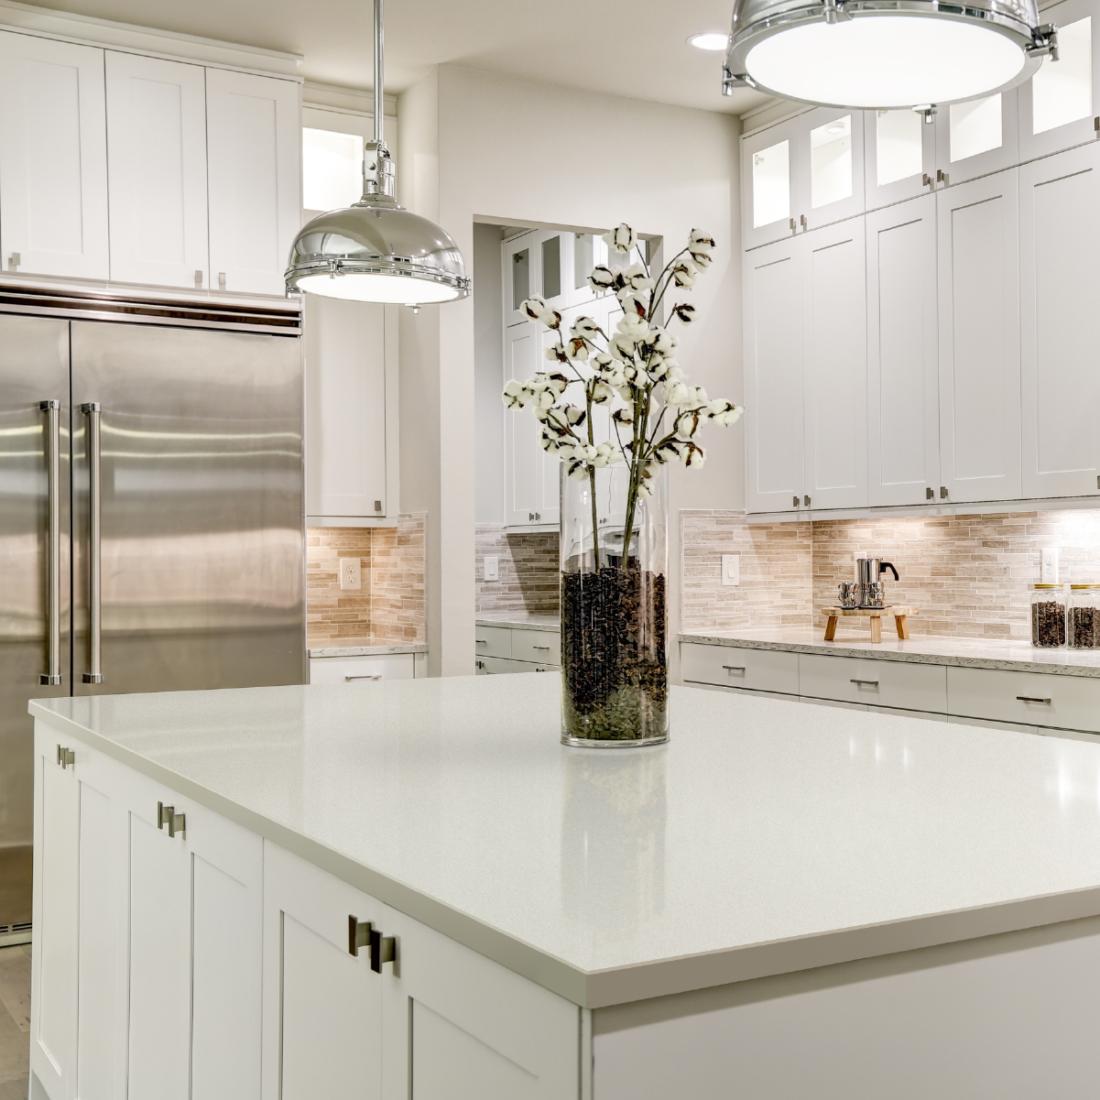 Image of Mesa de trabajo 8 copia@2x in Kitchens - Cosentino